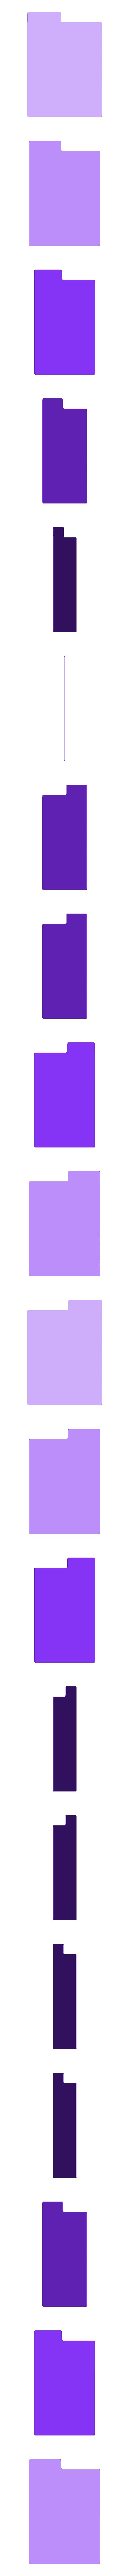 CardDividerDeckbox.STL Télécharger fichier STL gratuit Séparateur de cartes • Objet imprimable en 3D, Jeyill3